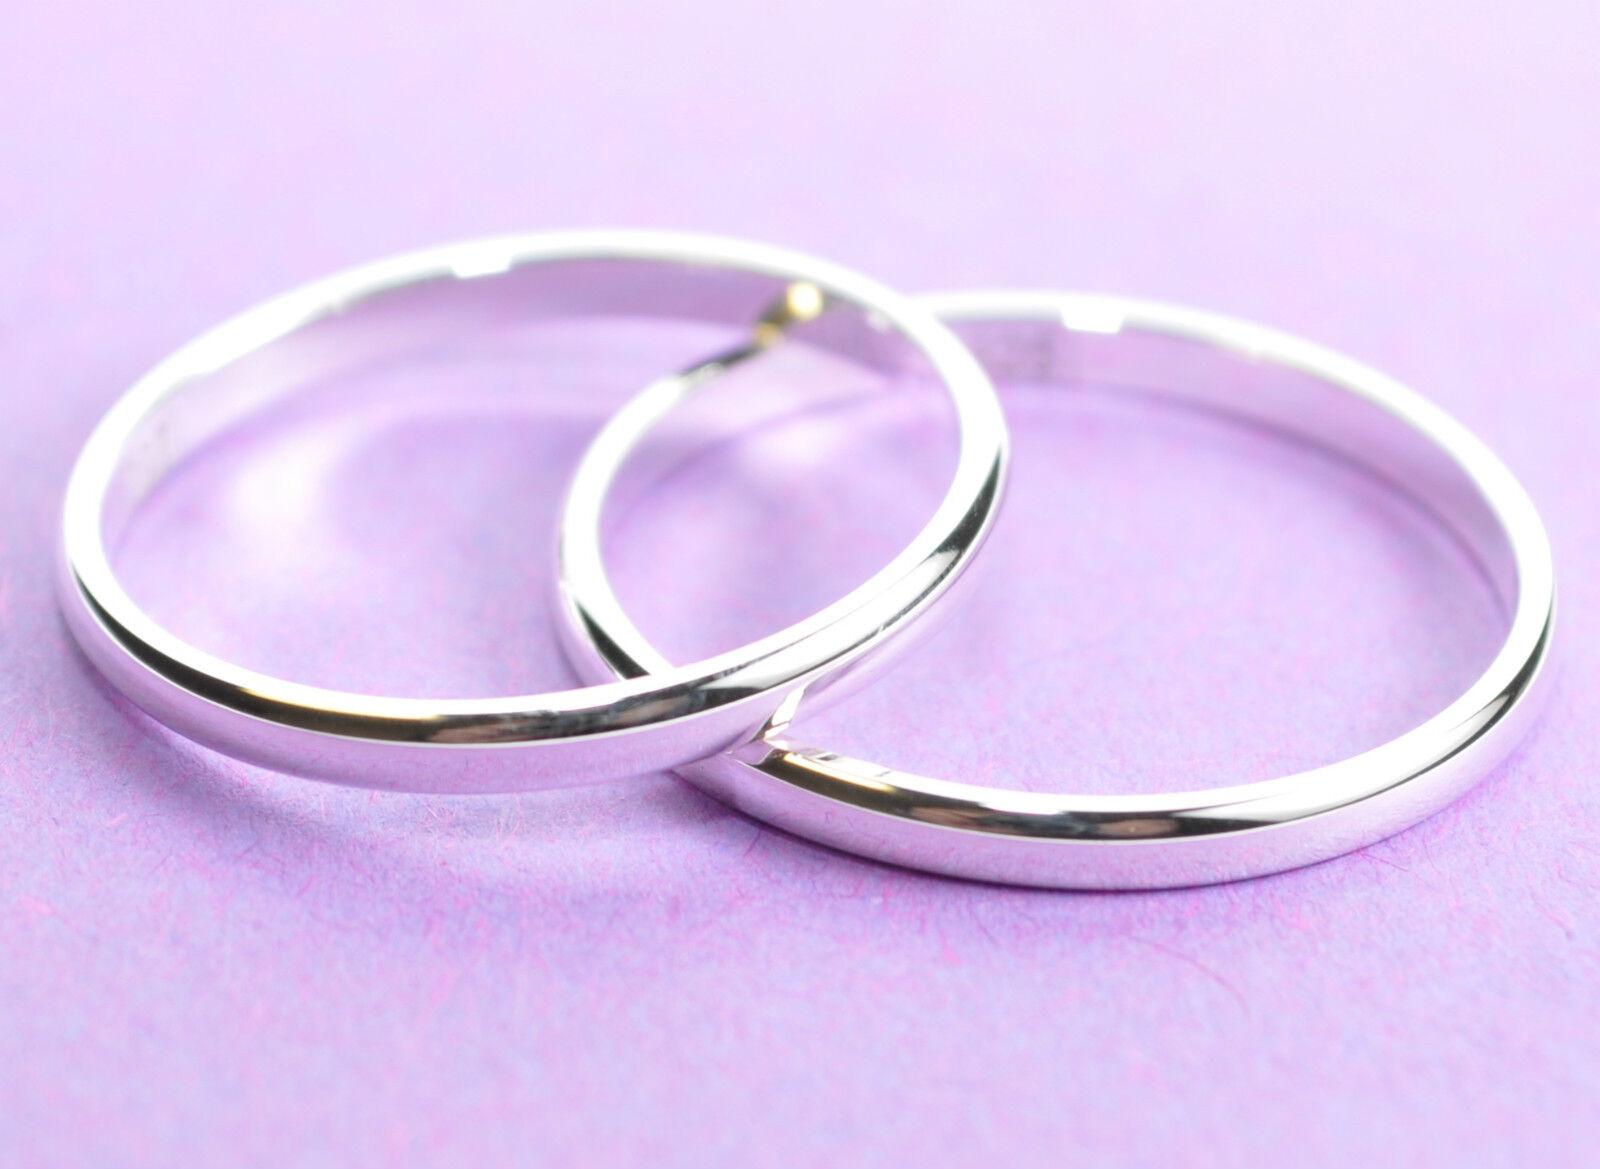 925 Echt silver Trauringe Eheringe Hochzeitsringe - Breite 2mm - Paarpreis